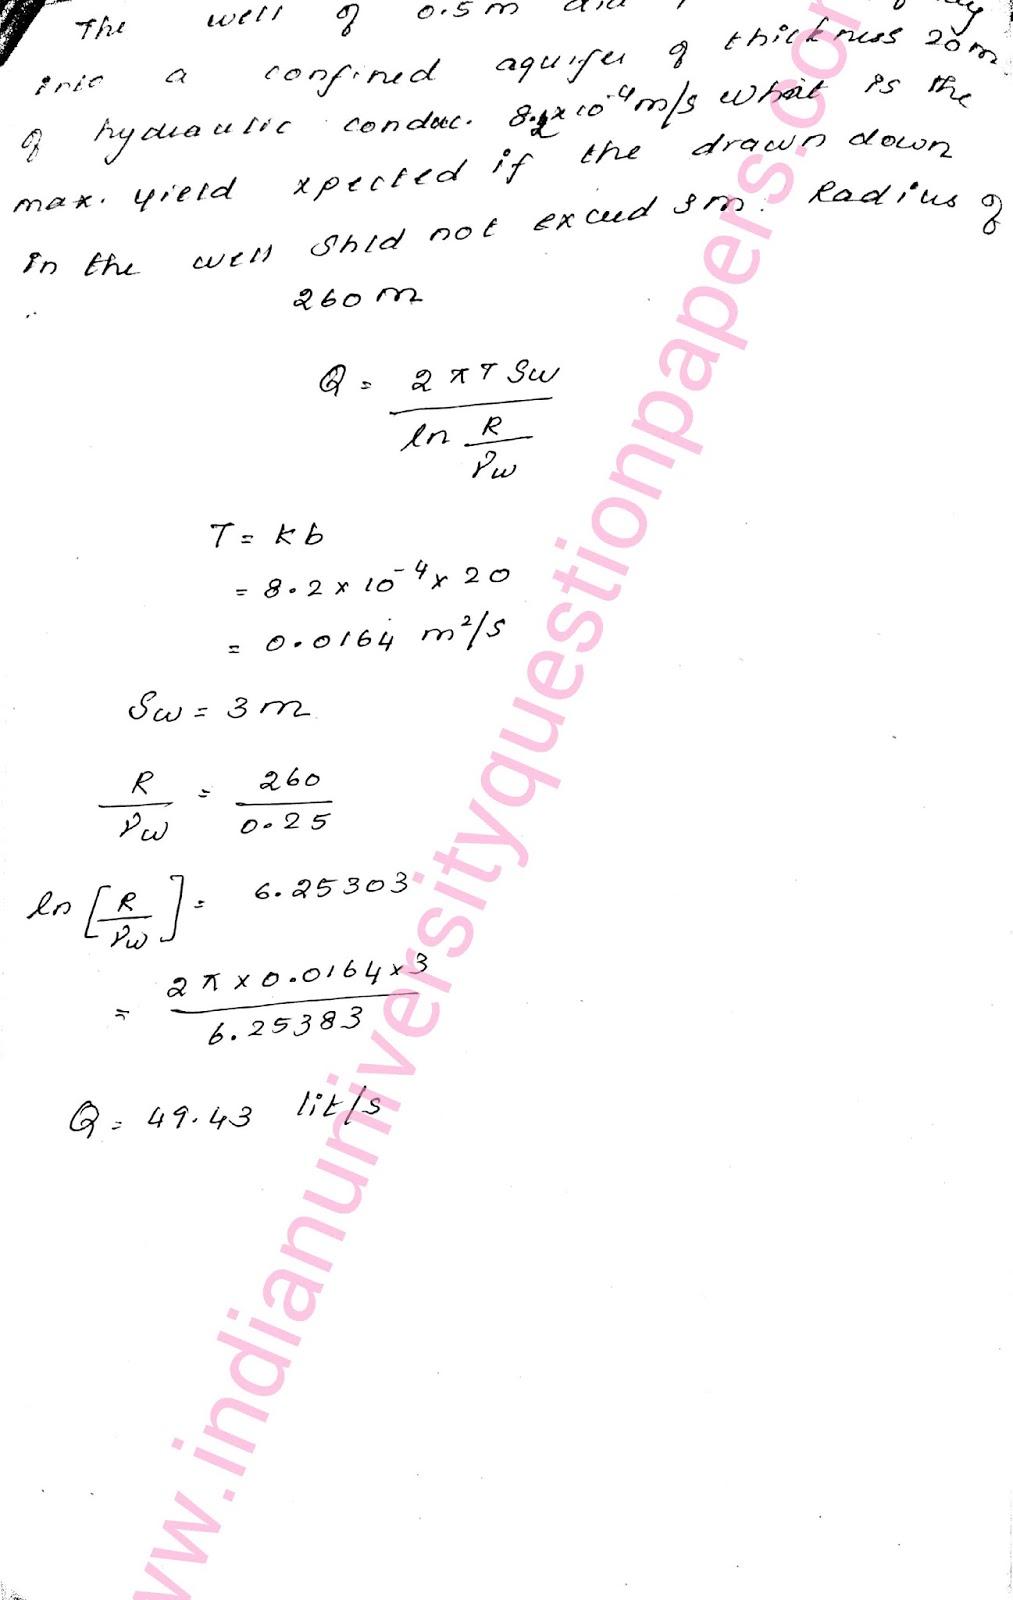 CE2028 Ground Water Engineering B E Civil Anna Univ Handwritten